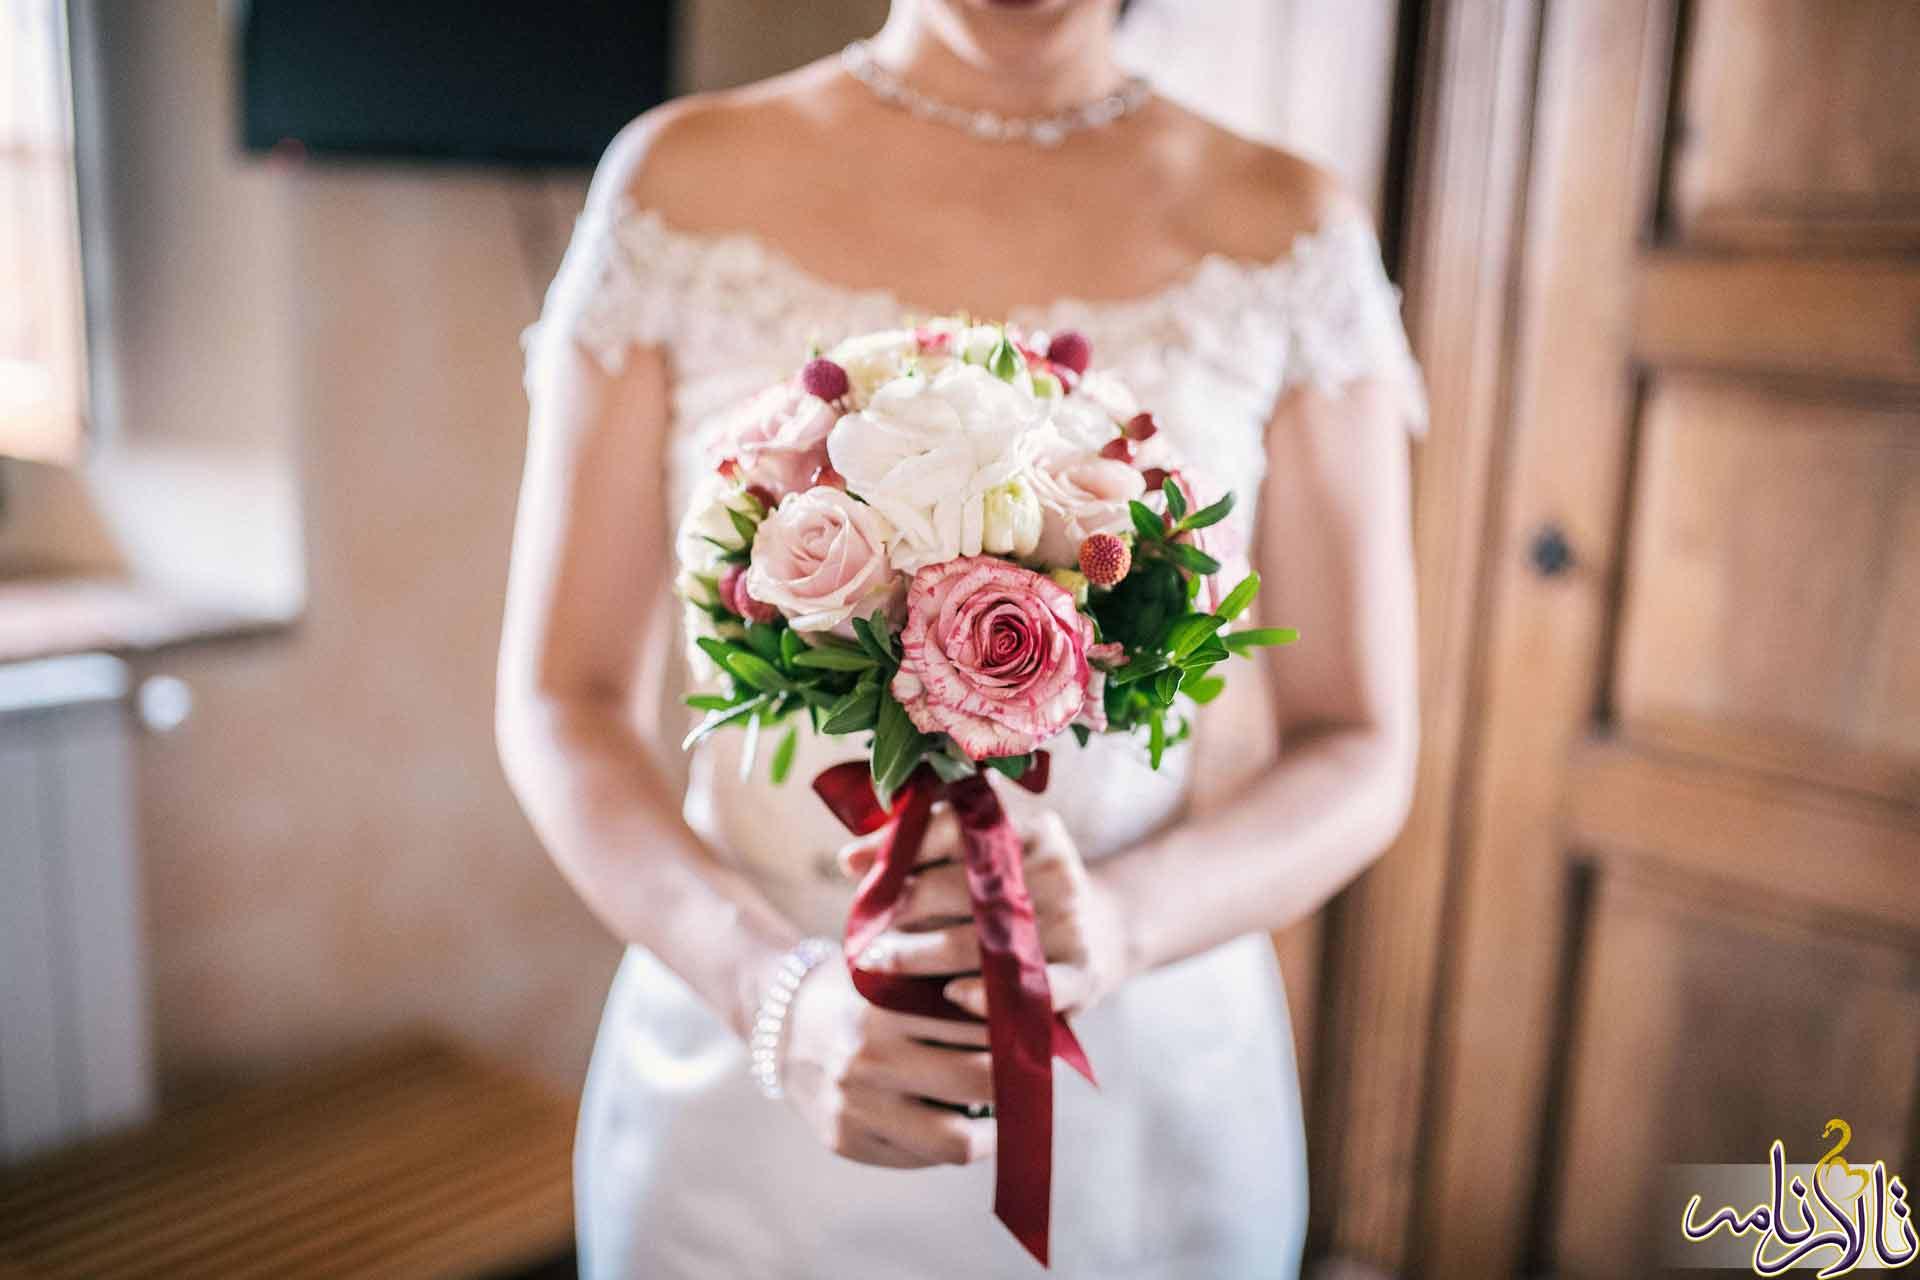 دسته گل عروس - دسته گل نامزدی - بهترین دسته گلهای عروسی